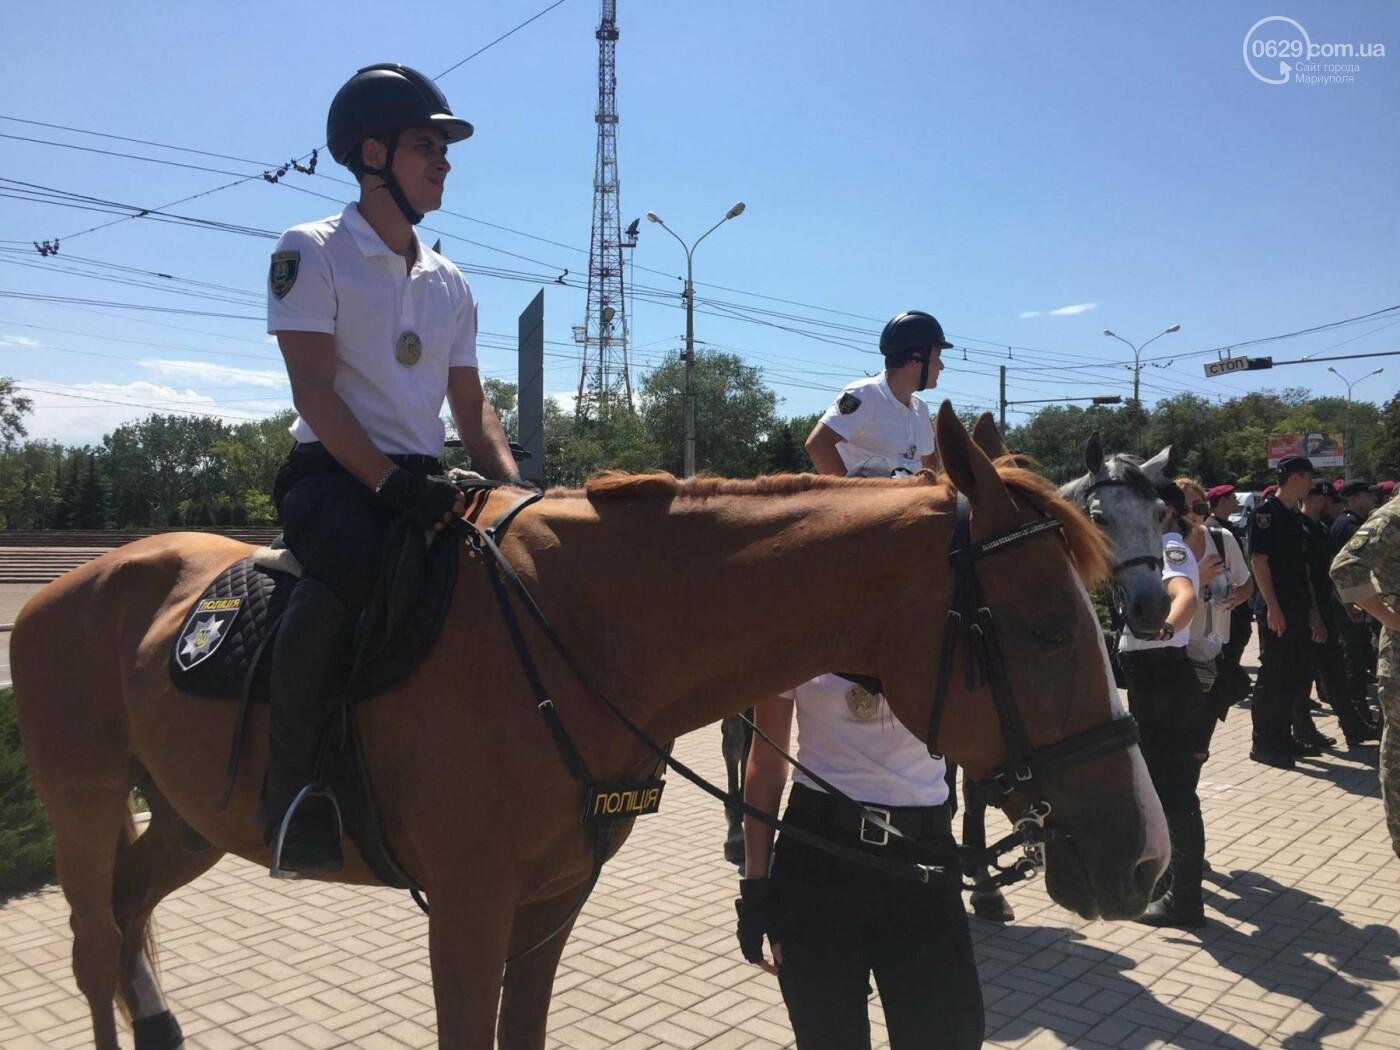 В Мариуполе презентовали туристическую полицию, - ФОТО, ВИДЕО, фото-11